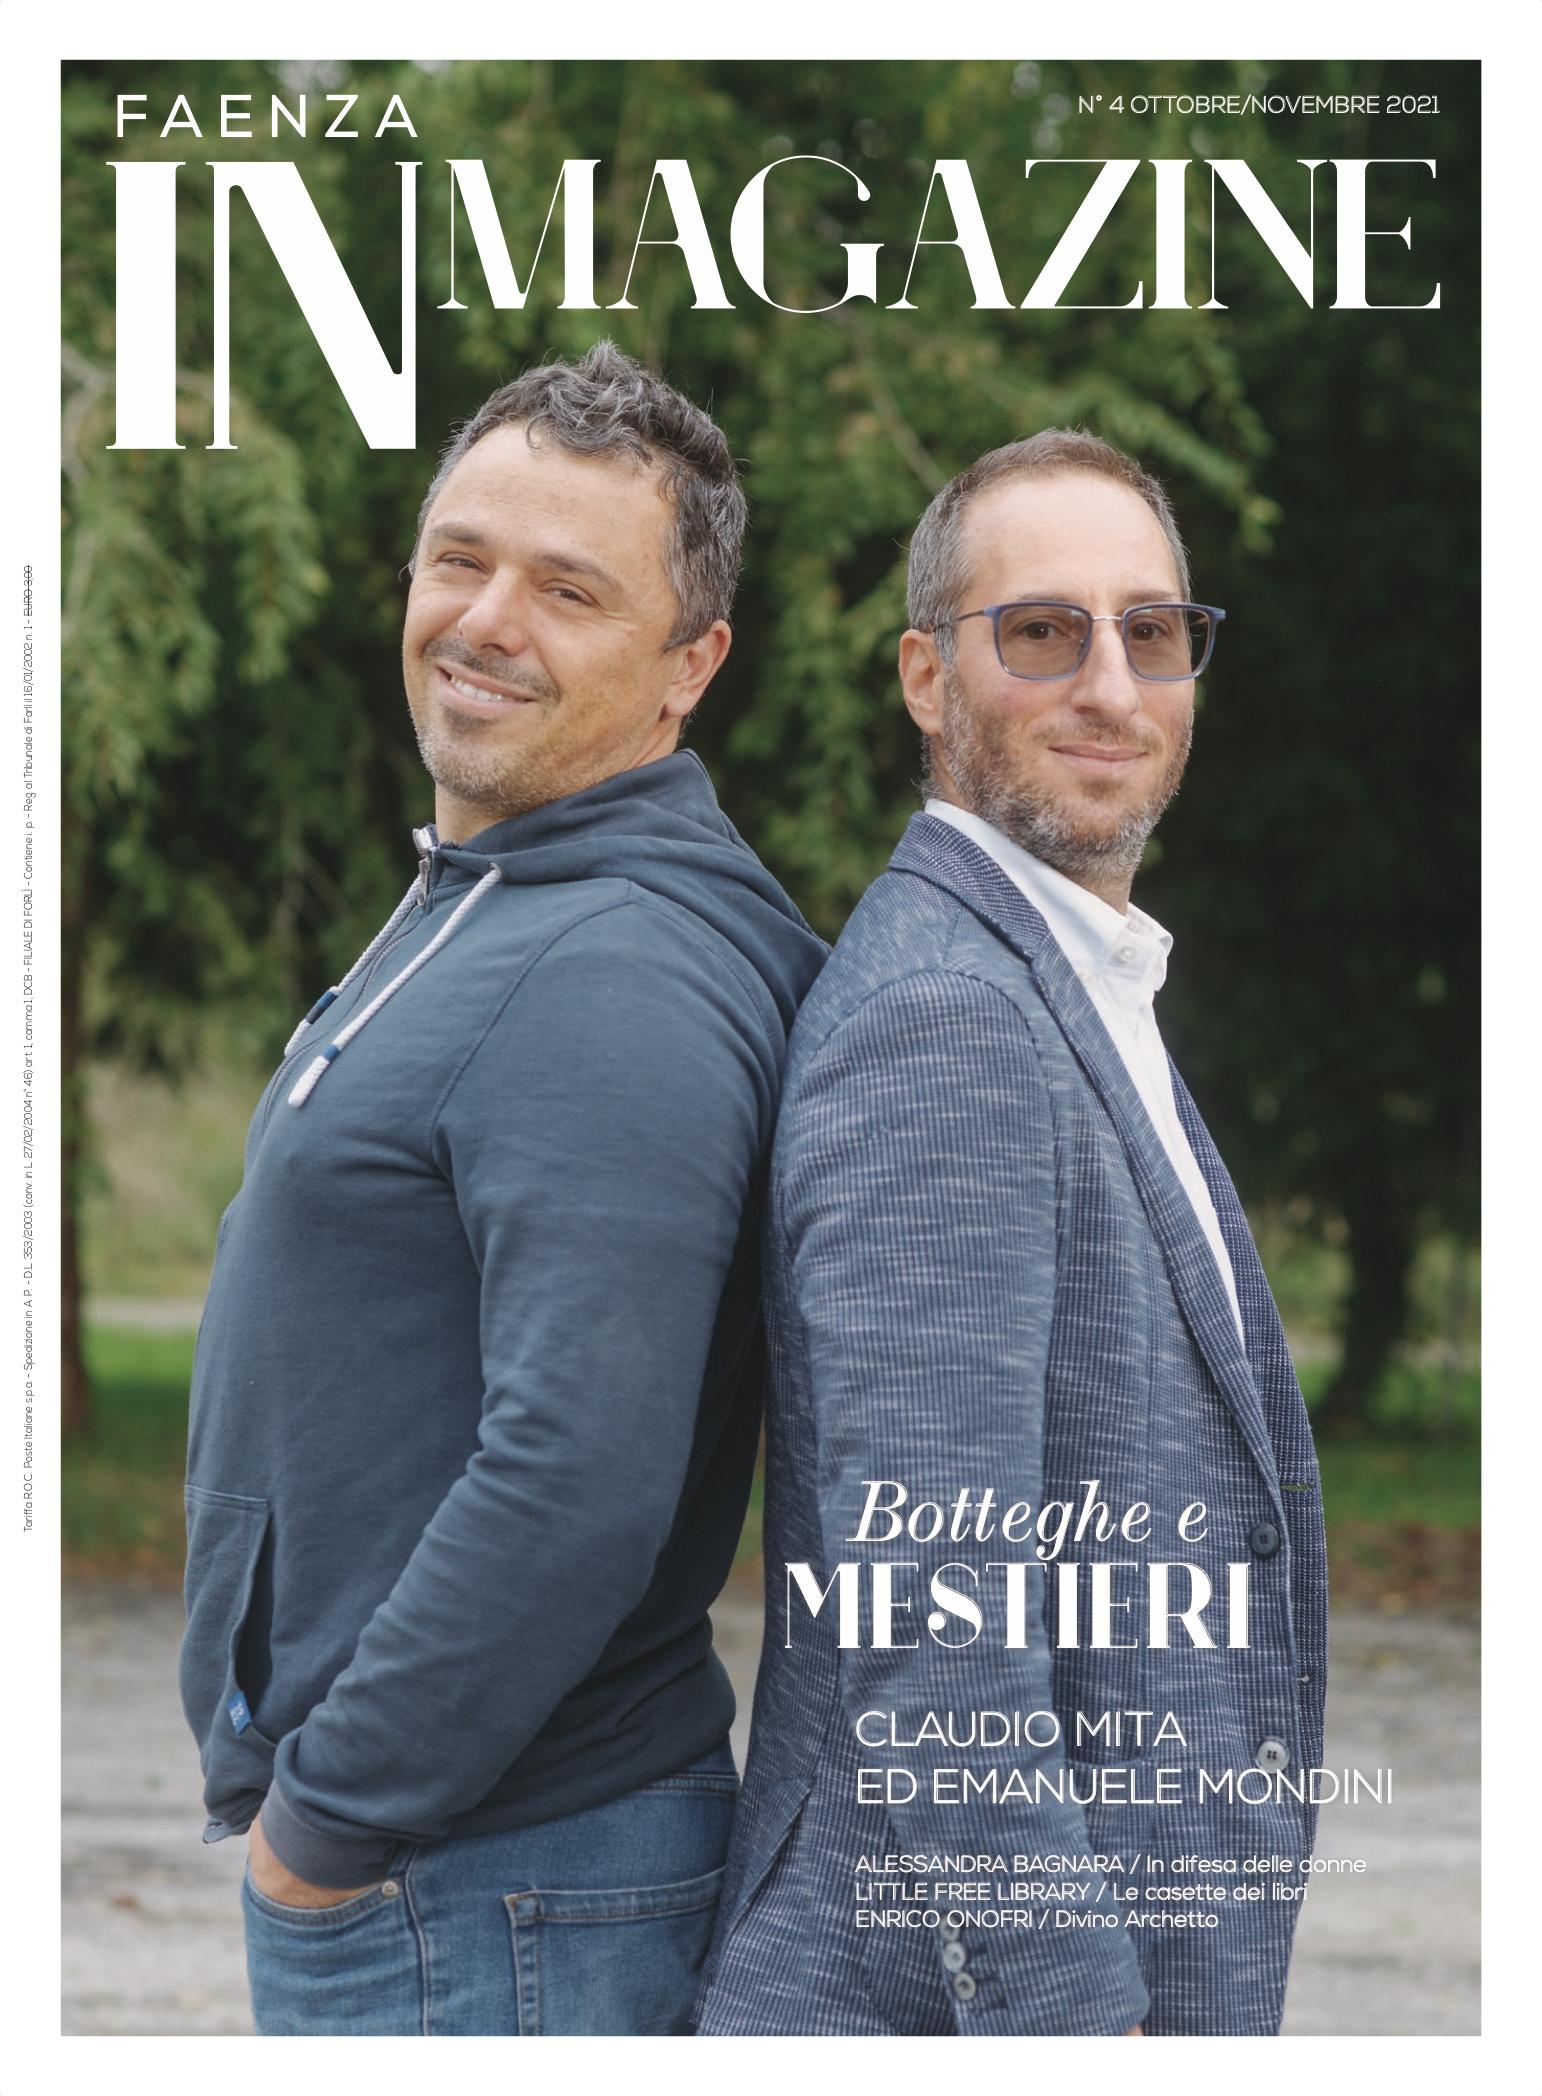 Faenza IN Magazine 04-2021: in copertina, Claudio Mita ed Emanuele Mondini